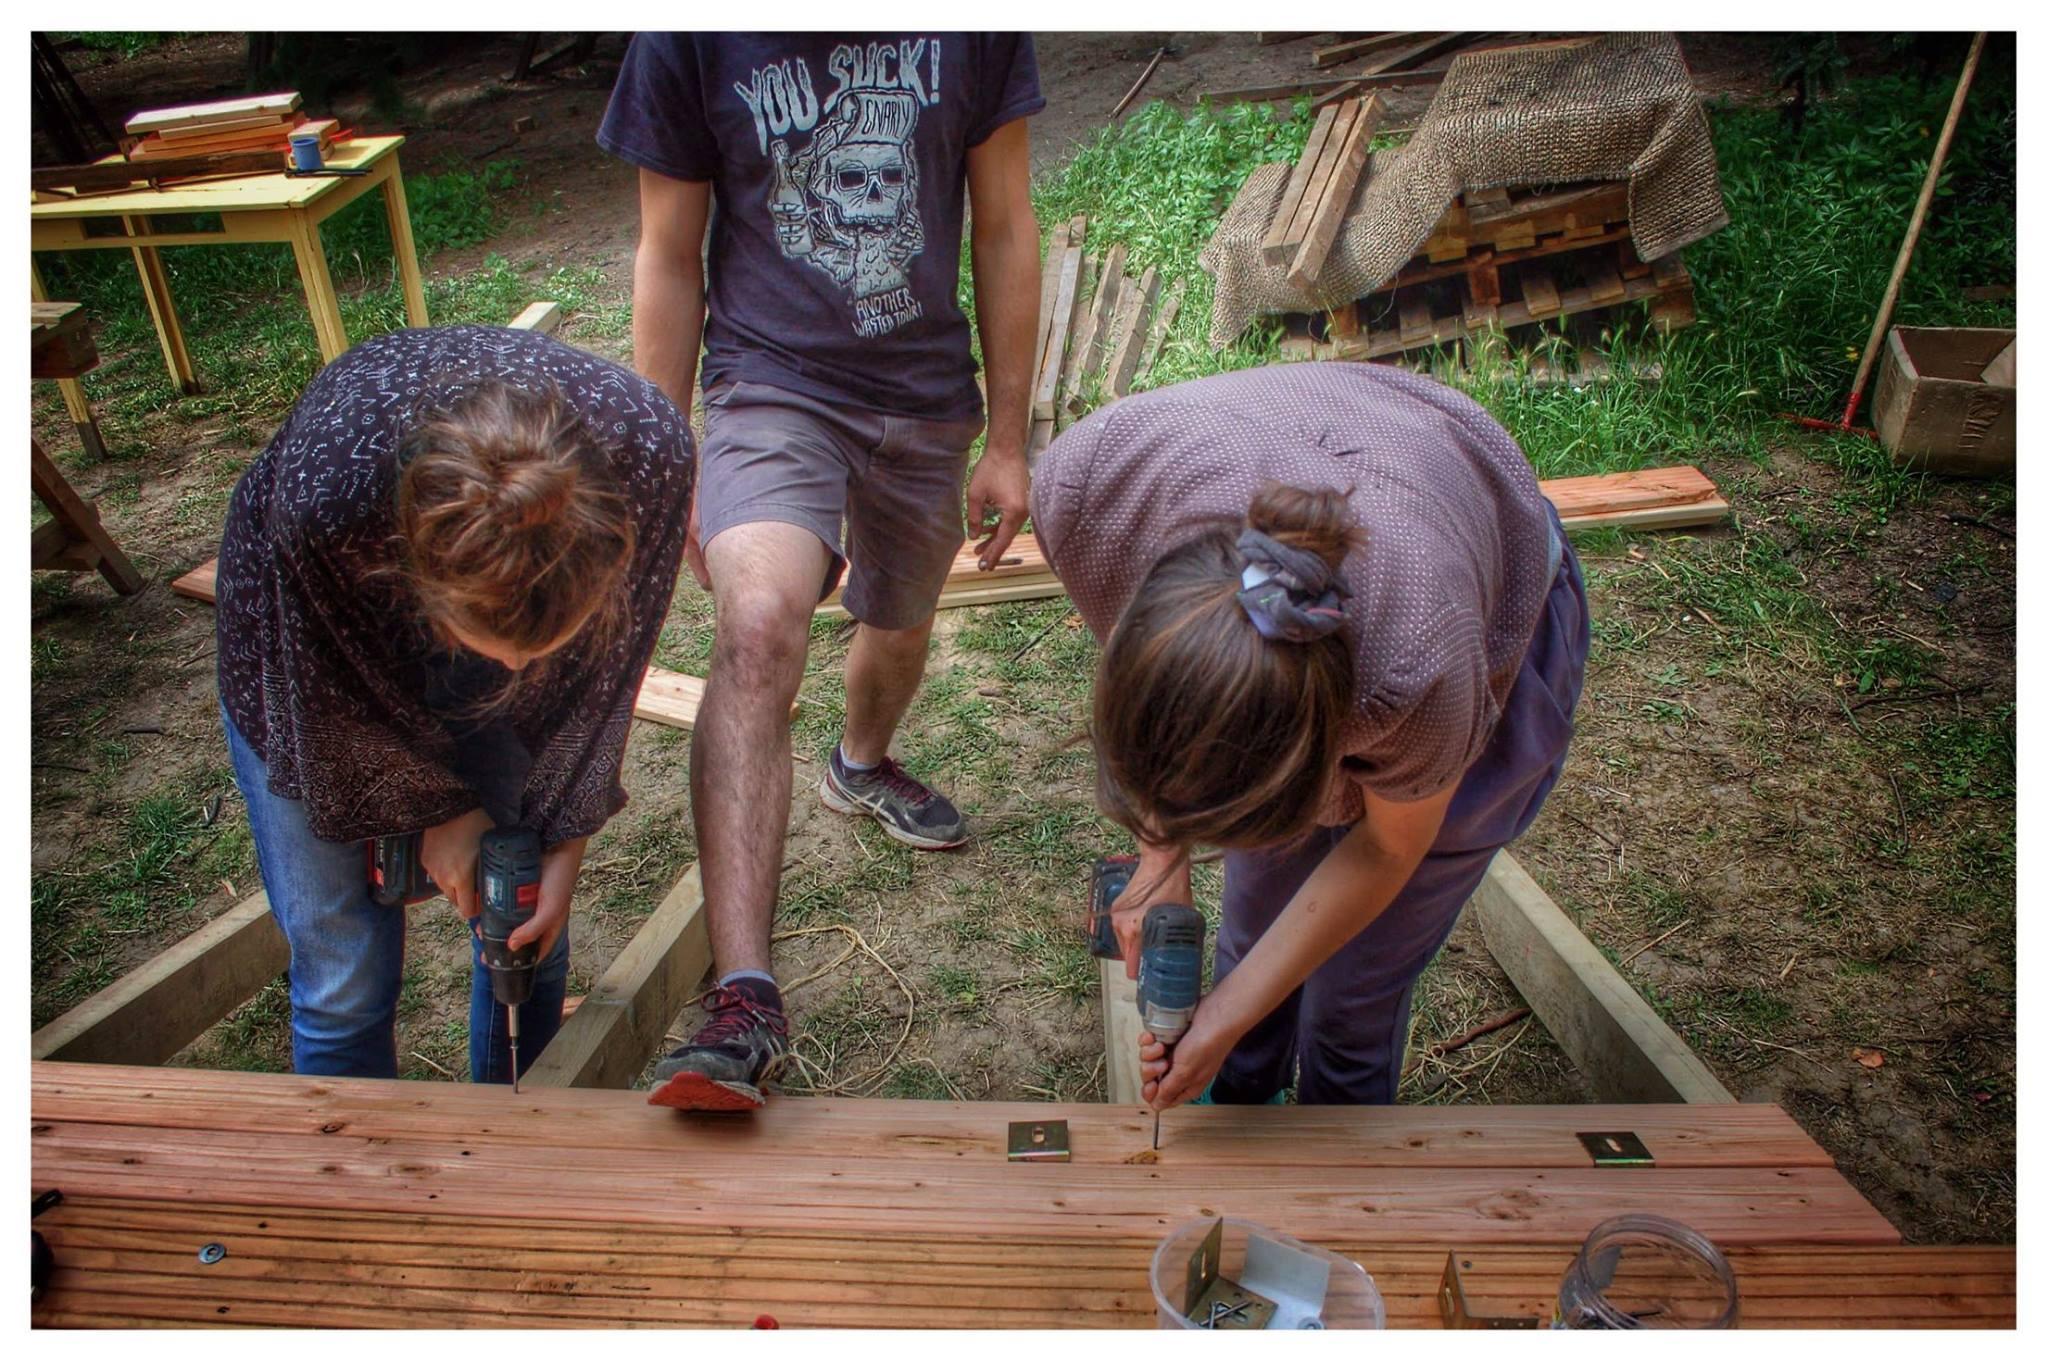 YA+K - yaplusk - Baleine Verte - chantier participatif à Paris 12ème (21)